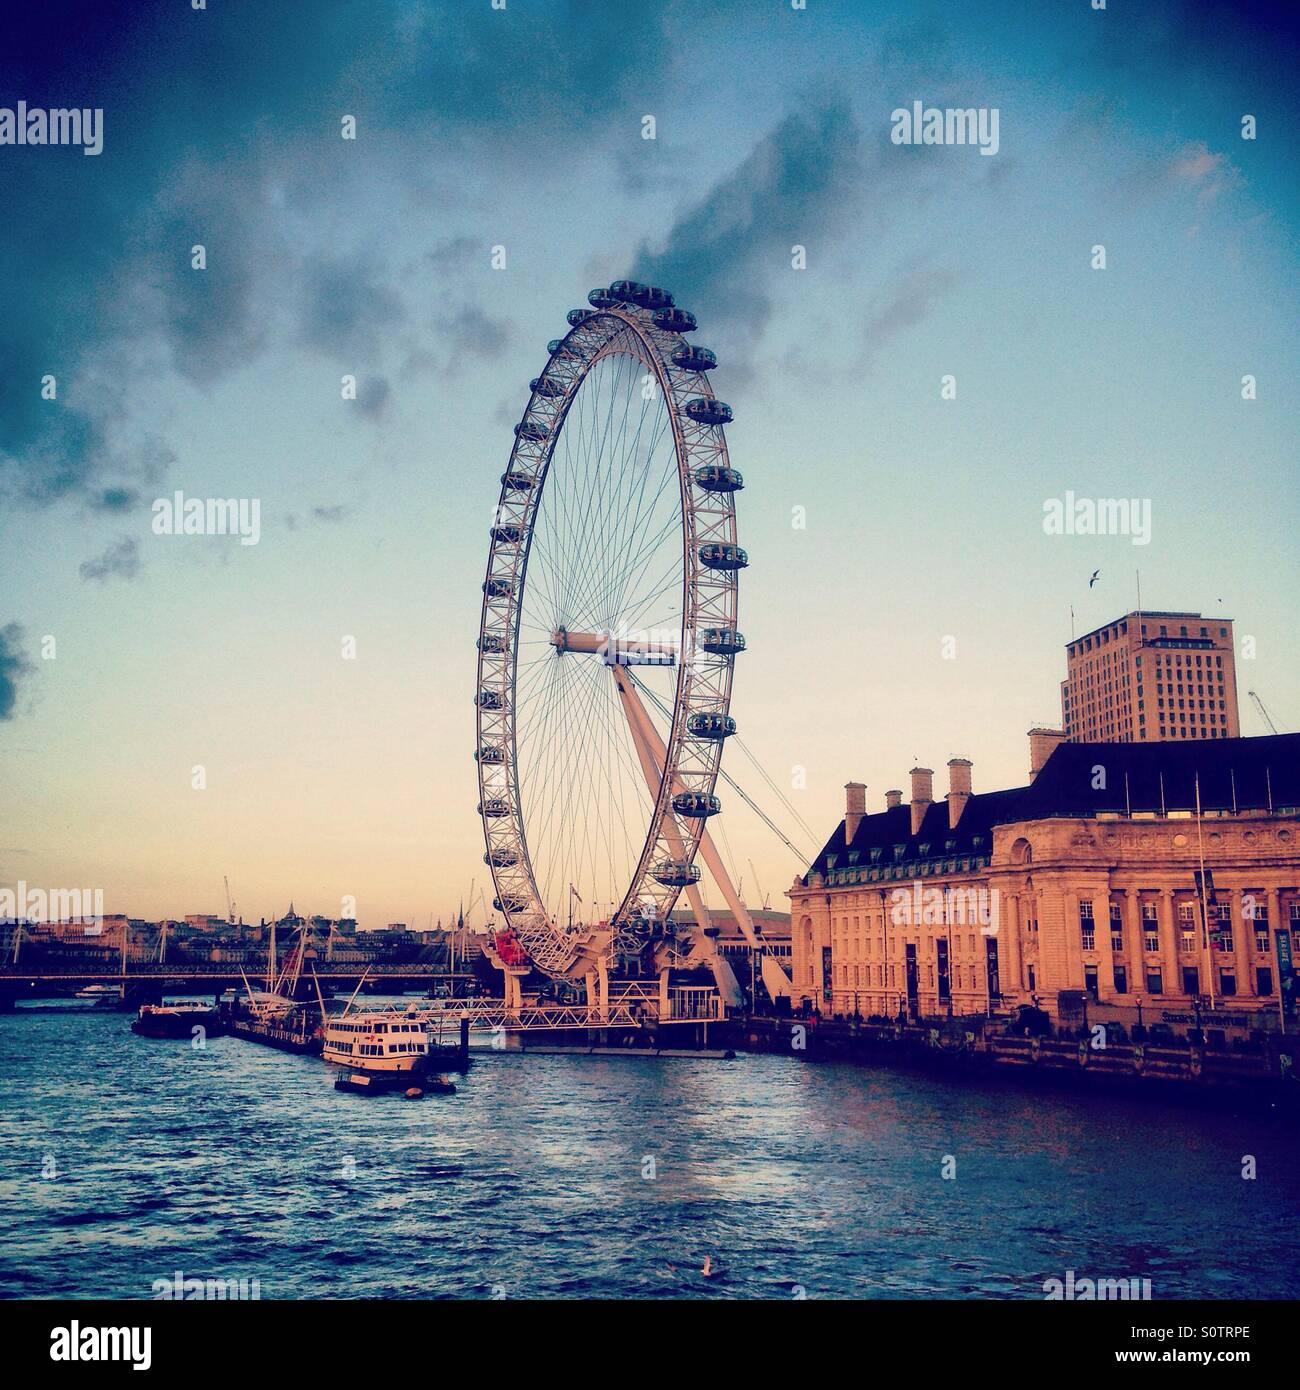 Il London Eye, ruota panoramica sulla riva sud del Tamigi, Londra, Regno Unito. Foto Stock